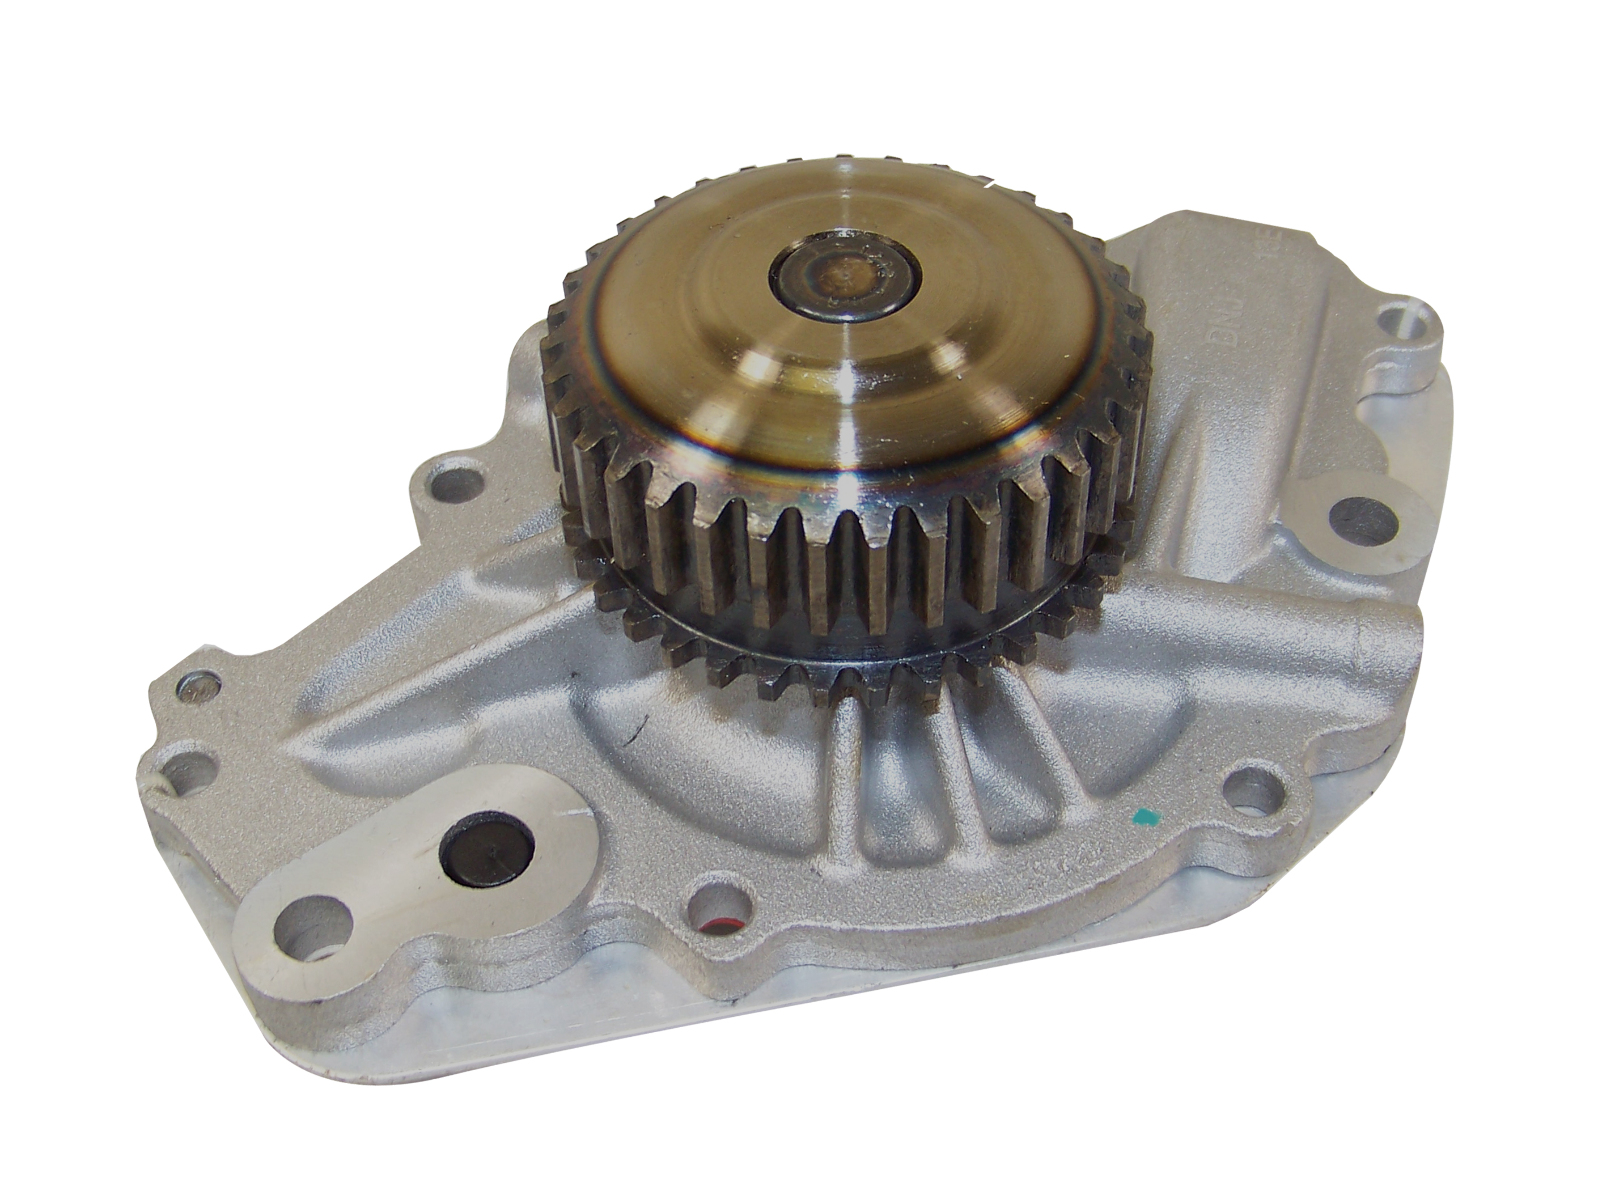 DNJ WP1116 Water Pump For 07-10 Chrysler Dodge 300 Avenger 2.7L V6 DOHC 24v